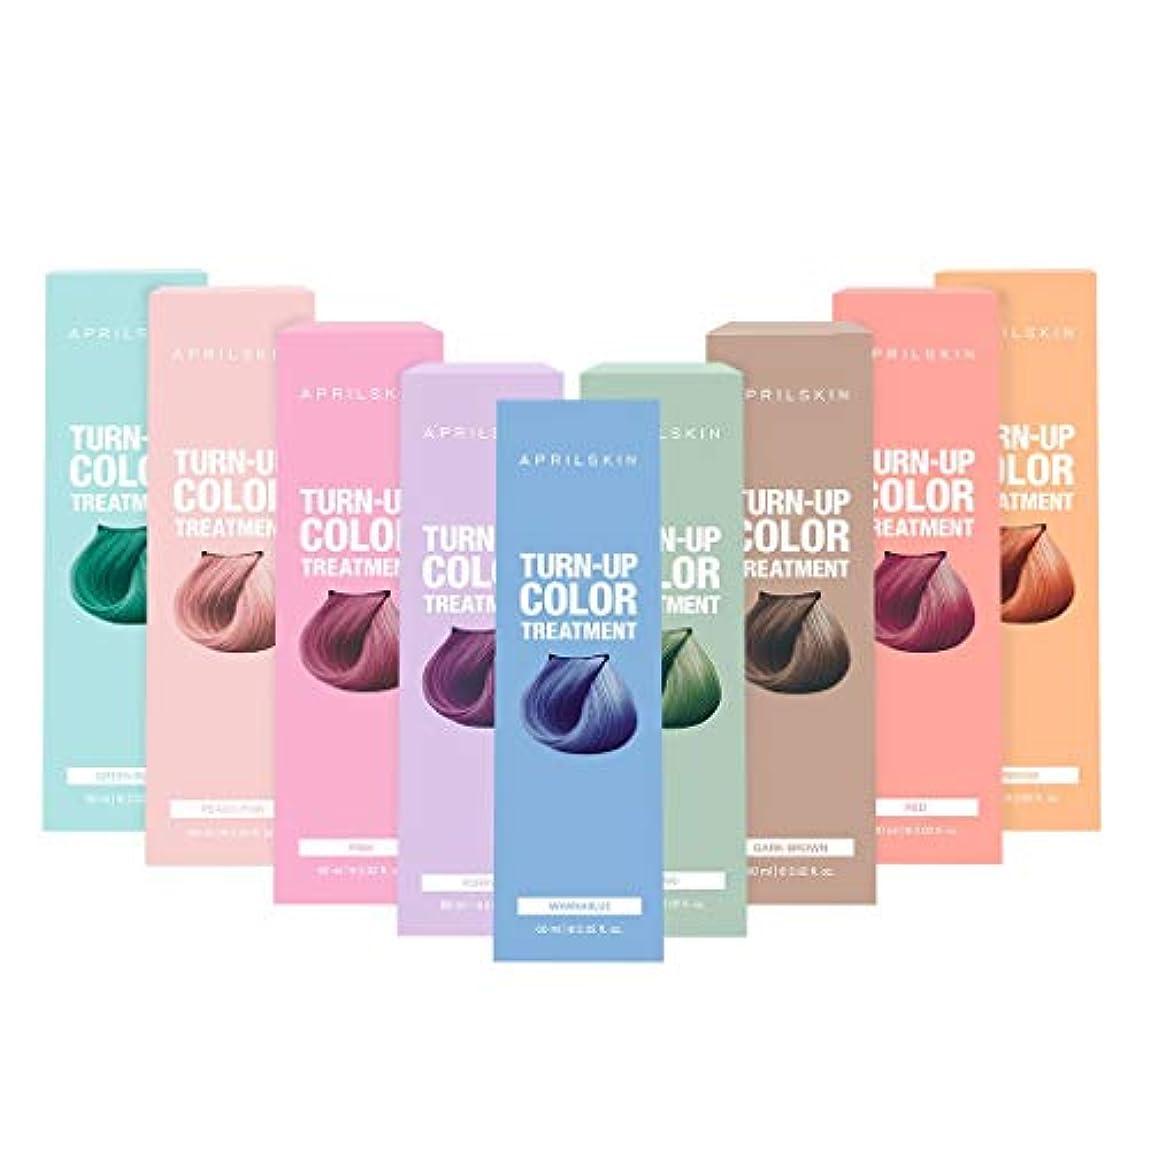 摘む怠けた望みApril Skin Turn up Color Treatment★ビッグセール★ターンアップカラートリートメント60ml (Dark Brown)/ヘアダイ/トリートメント/K-Beauty